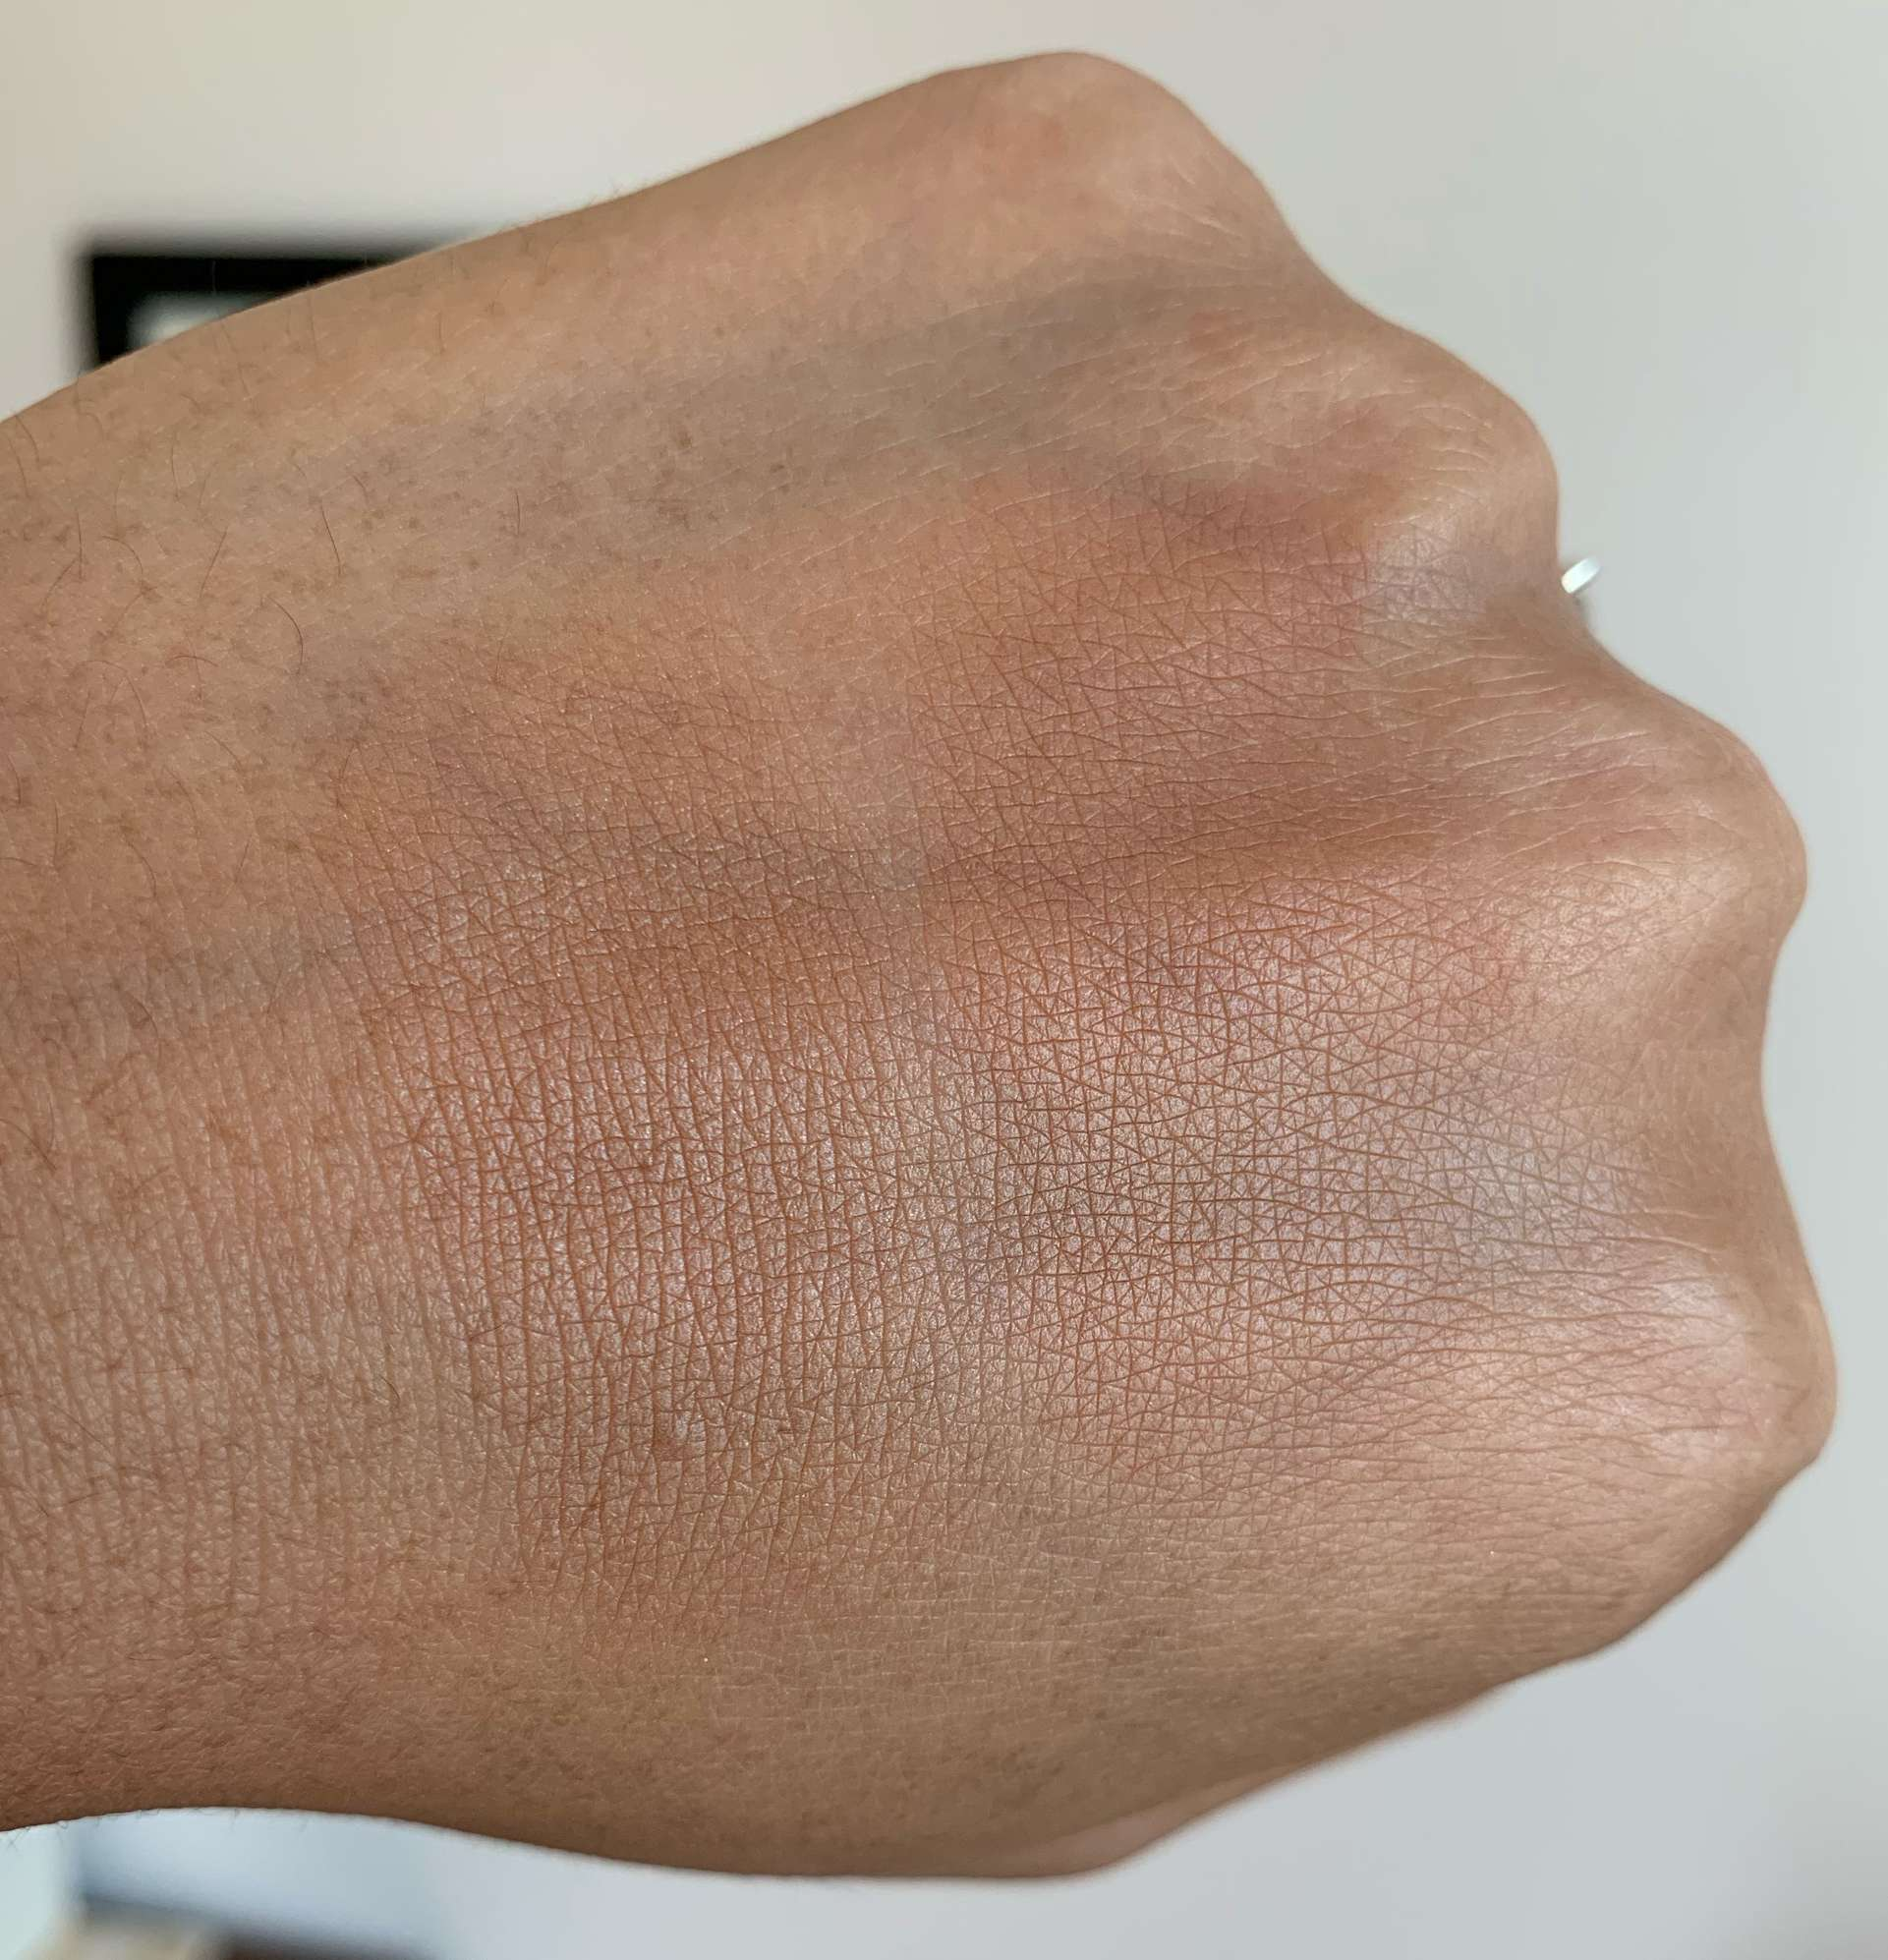 MAC Sun Soaked Strip Bronzer and NARS Somoa Matte Bronzer Swatches on Medium Dark Skin